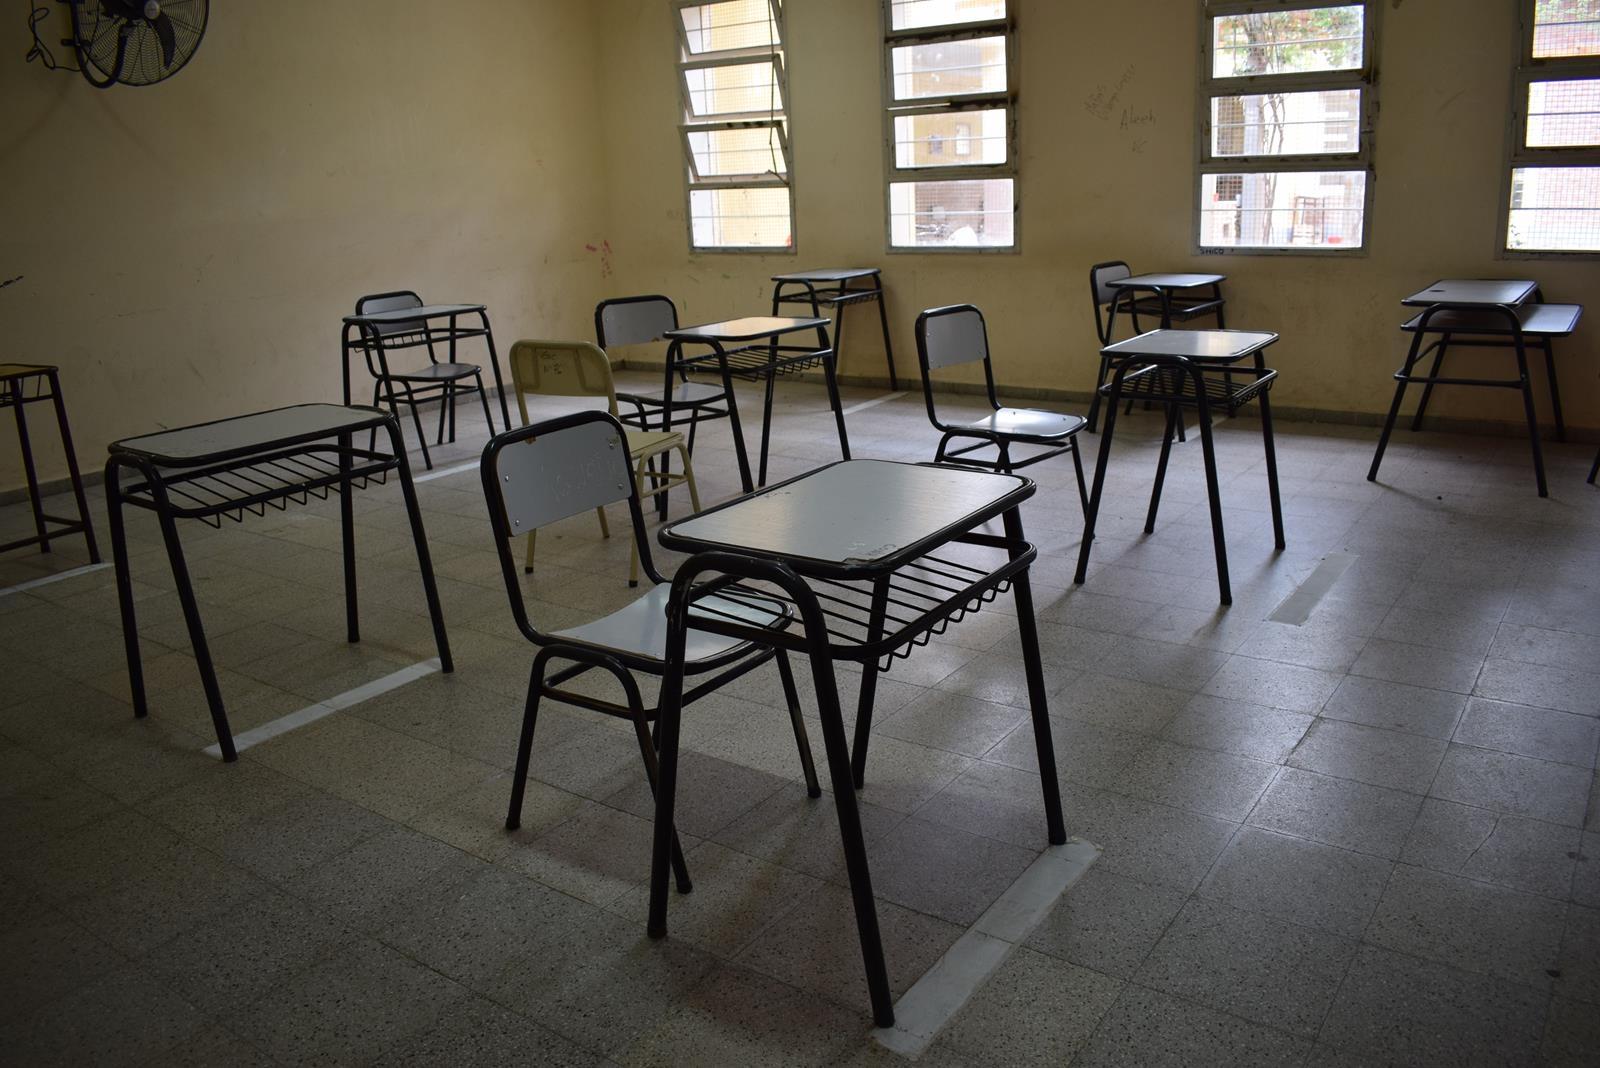 La Justicia Federal ordenó suspender las clases presenciales en CABA hasta que defina la Corte Suprema